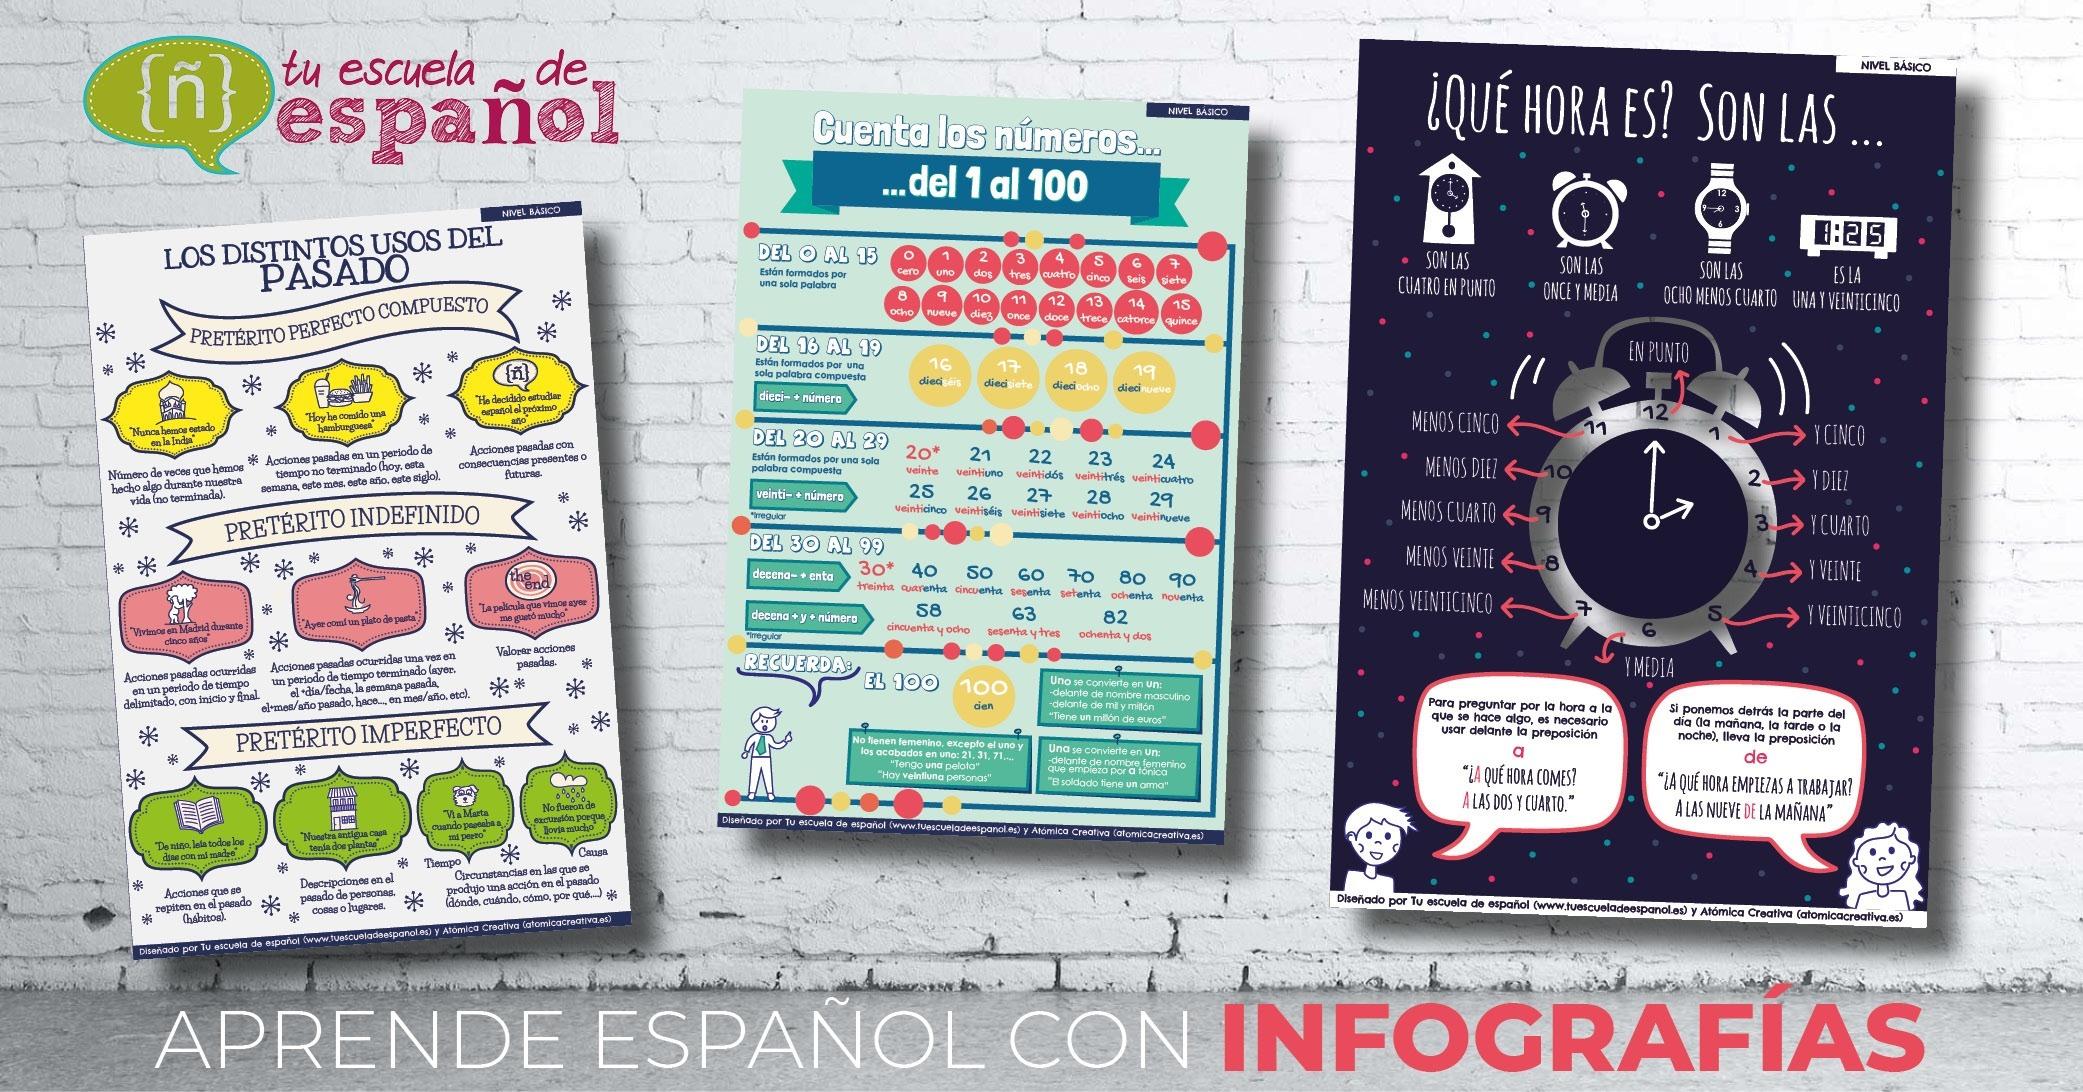 Infografías de gramática y vocabulario